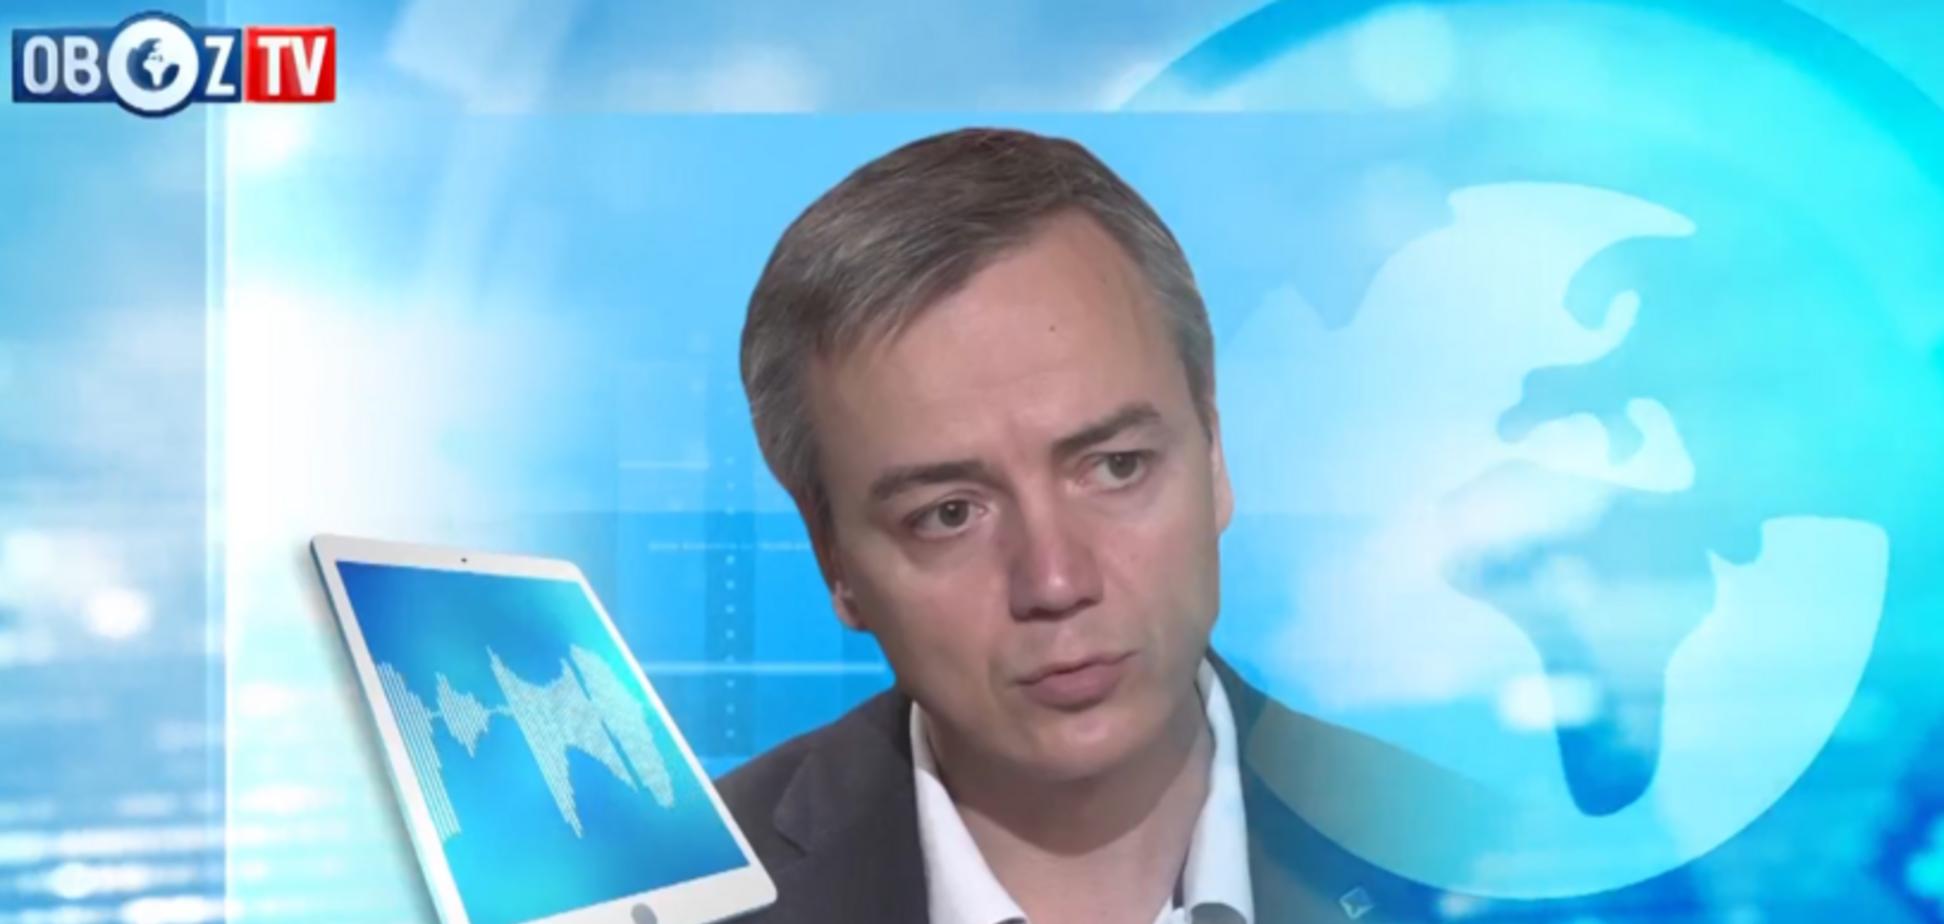 ''Судороги Беларуси'': эксперт объяснил, чего ожидать от нового конфликта между Минском и Москвой